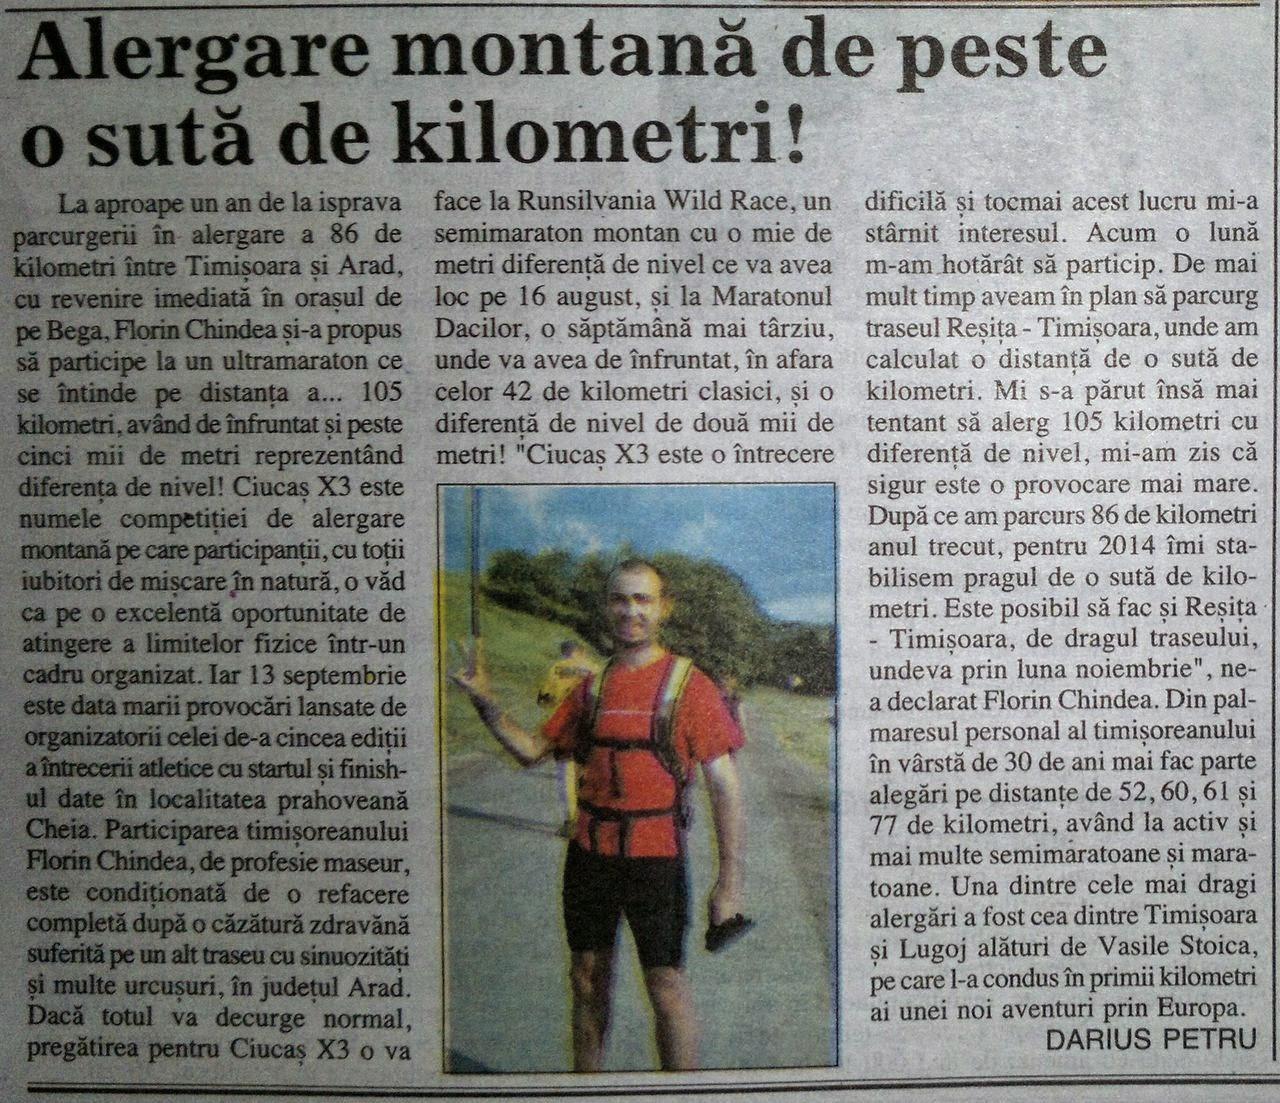 Alergare montană de peste o sută de kilometri. Apariţie în ediţia tipărită a ziarului Renaşterea Bănăţeană, joi, 07.08.2014